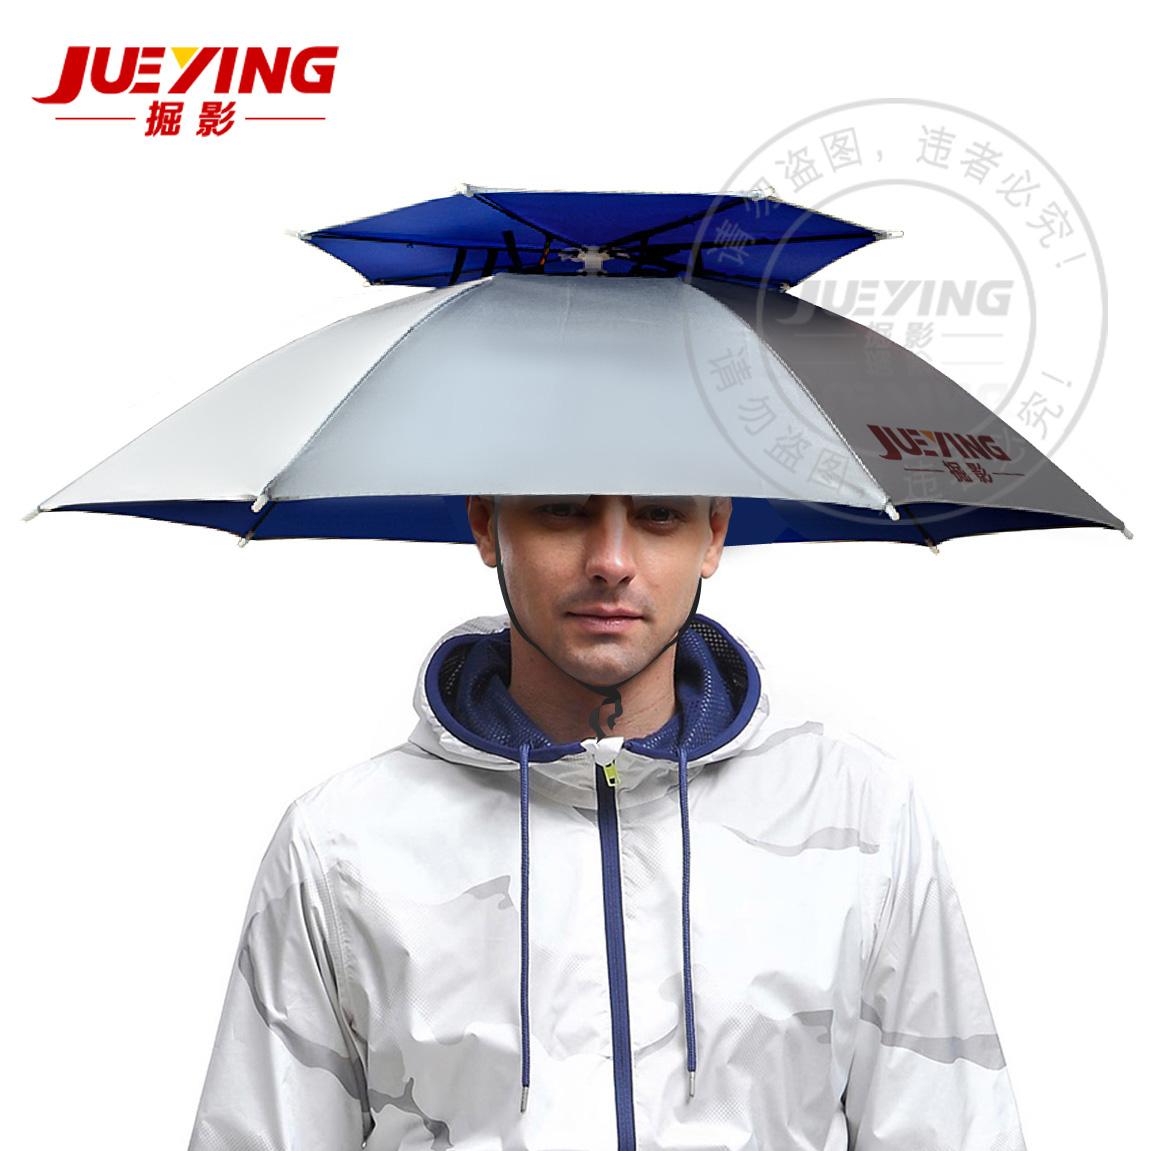 掘影伞帽 钓鱼头戴伞折叠双层防紫外线 防晒防雨稳固帽伞 包邮热销13件限时秒杀